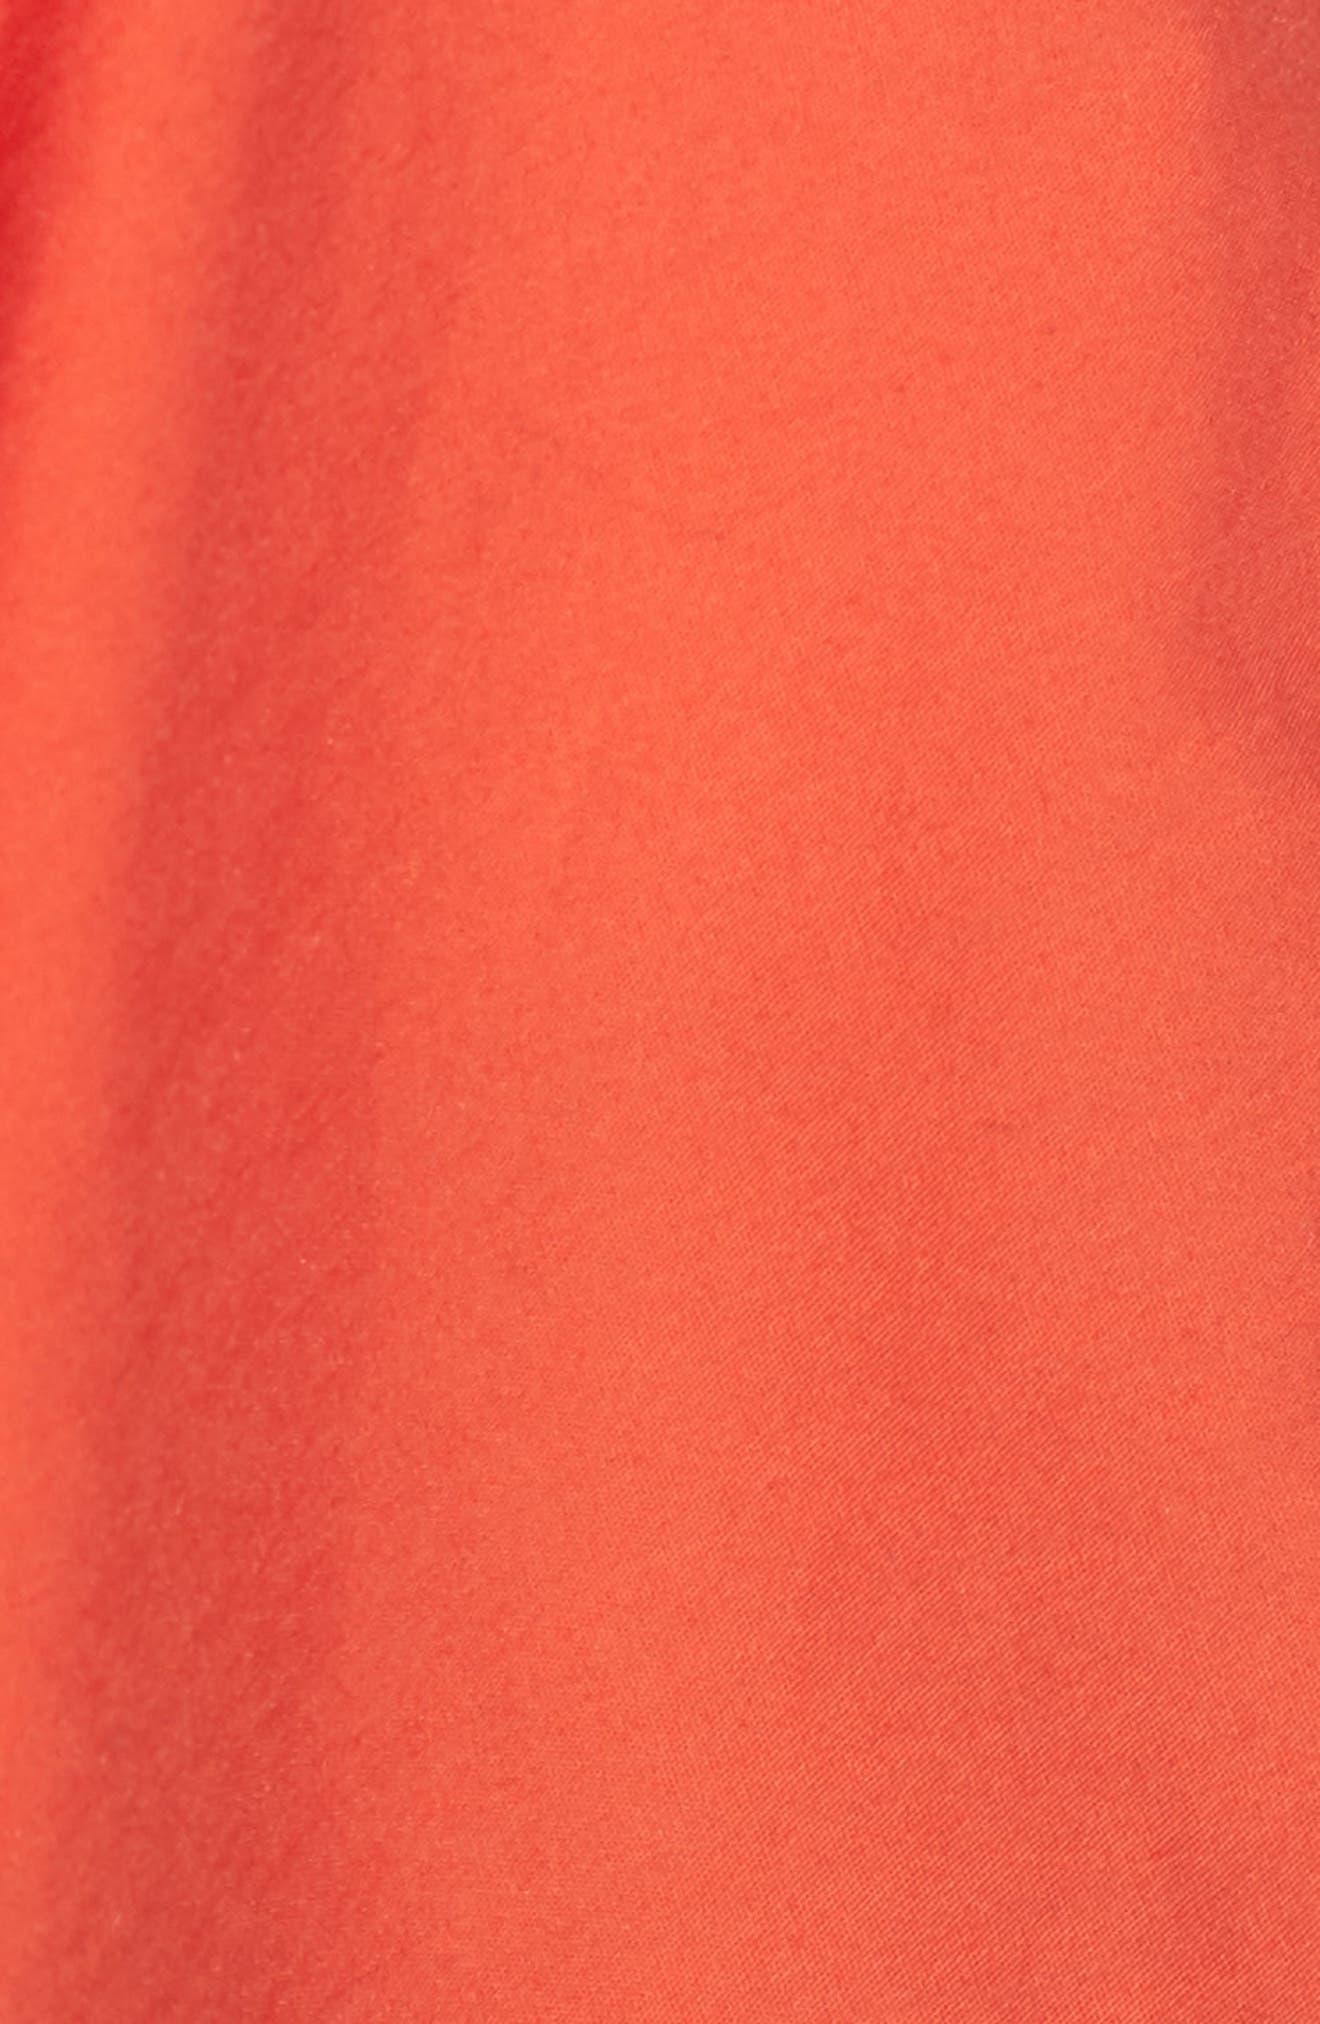 Smocked Off the Shoulder Top,                             Alternate thumbnail 6, color,                             Burnt Orange